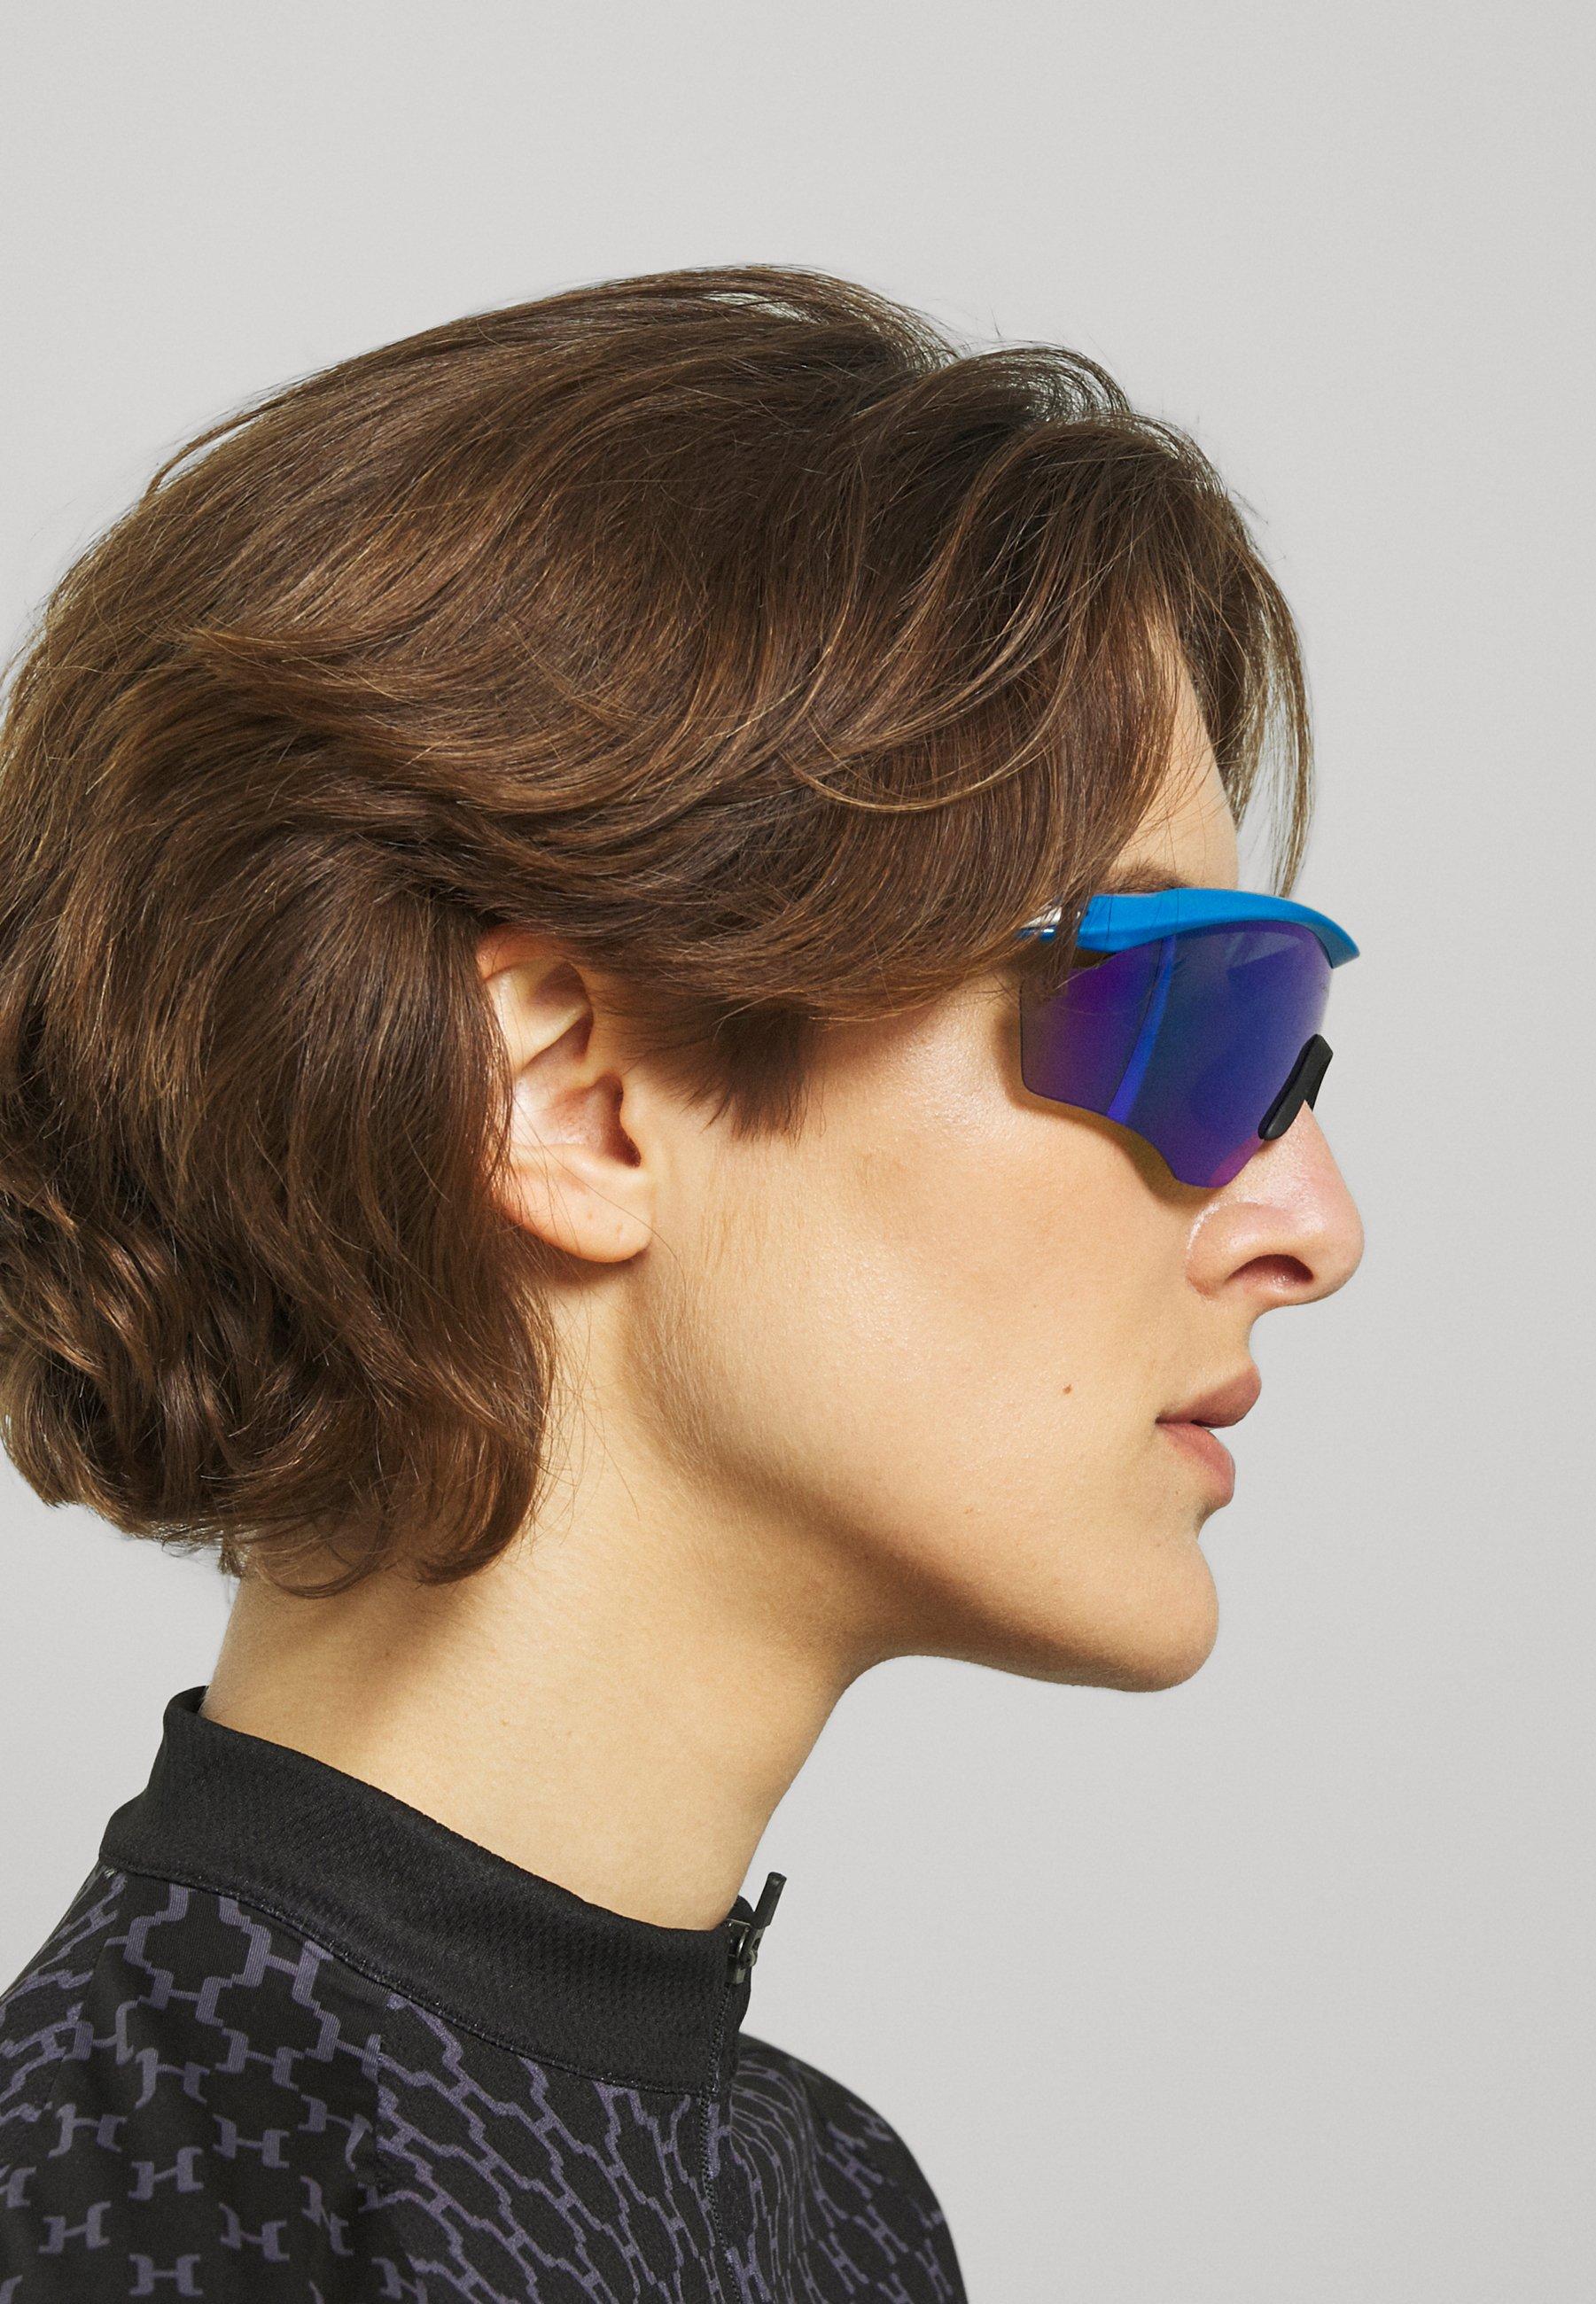 Women FRAME UNISEX - Sports glasses